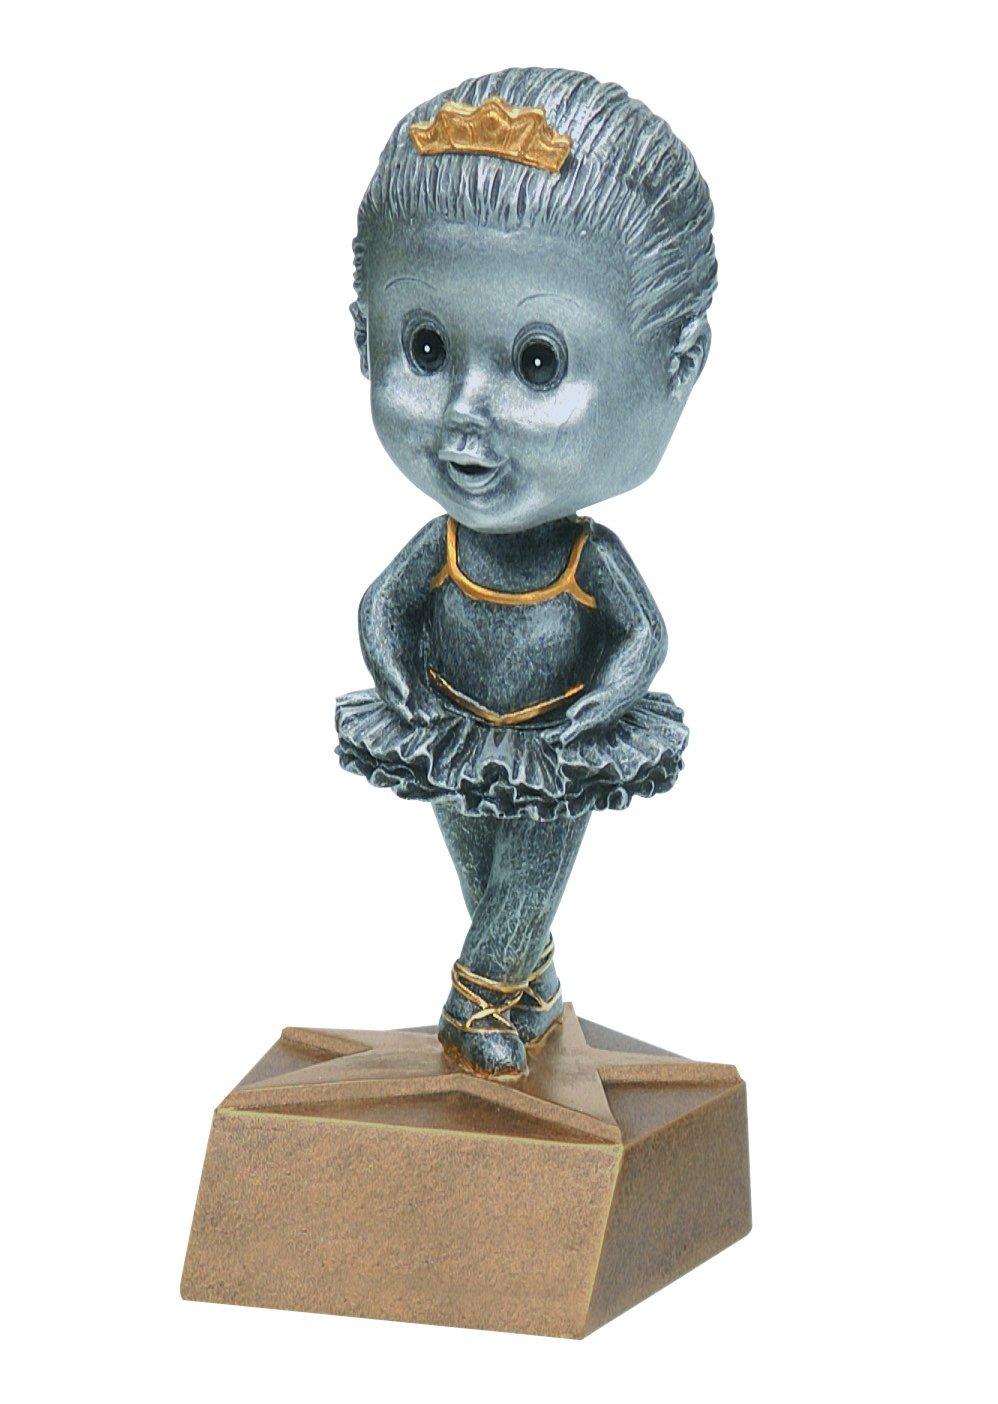 ダンスピューターBobblehead Trophy – カスタマイズNow – Personalized Engraved Plate Included & Attached to award – Perfect Awards Trophy – ハンドペイントデザイン B077JFZ8Q8